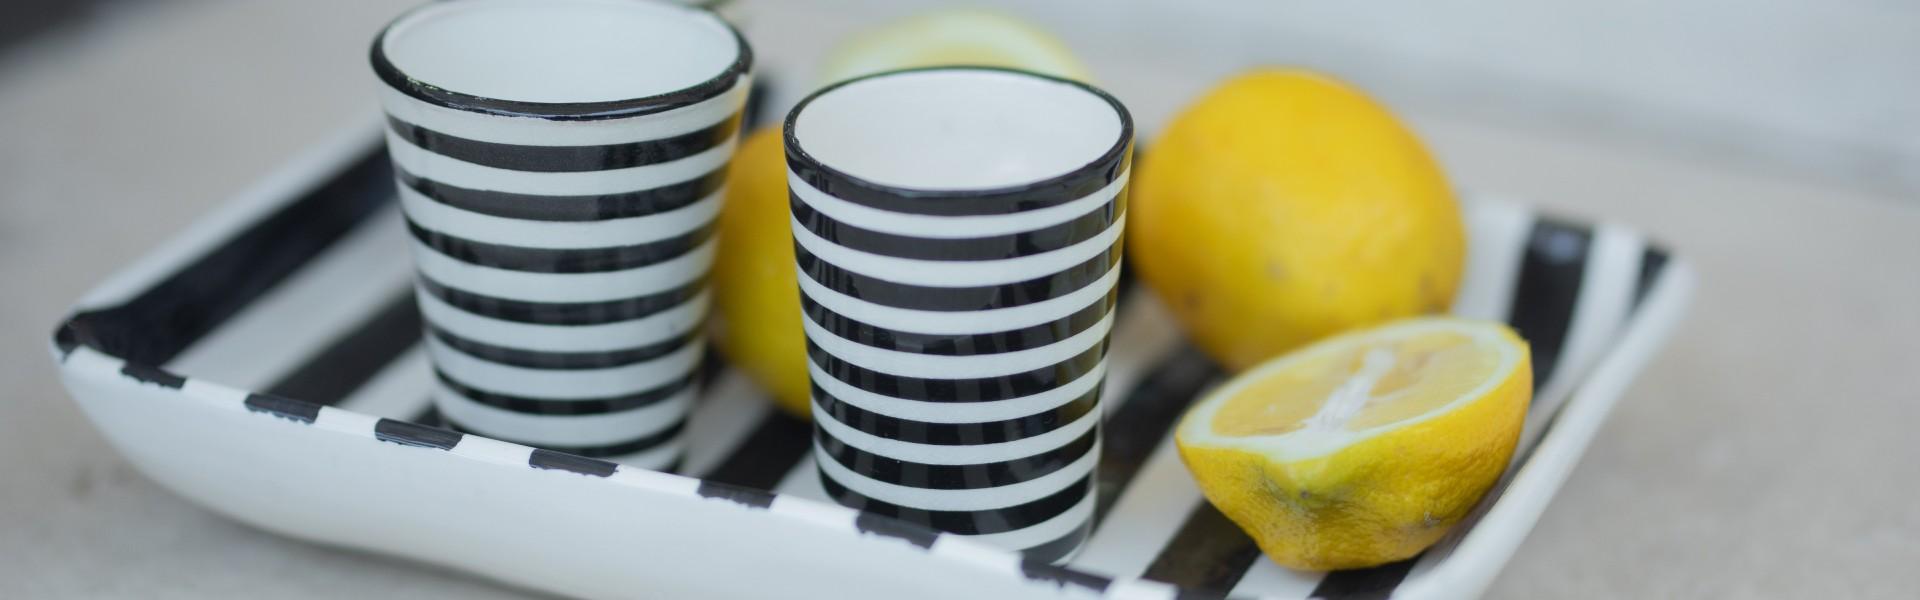 כלים שחור לבן - פנטזיה מרוקאית